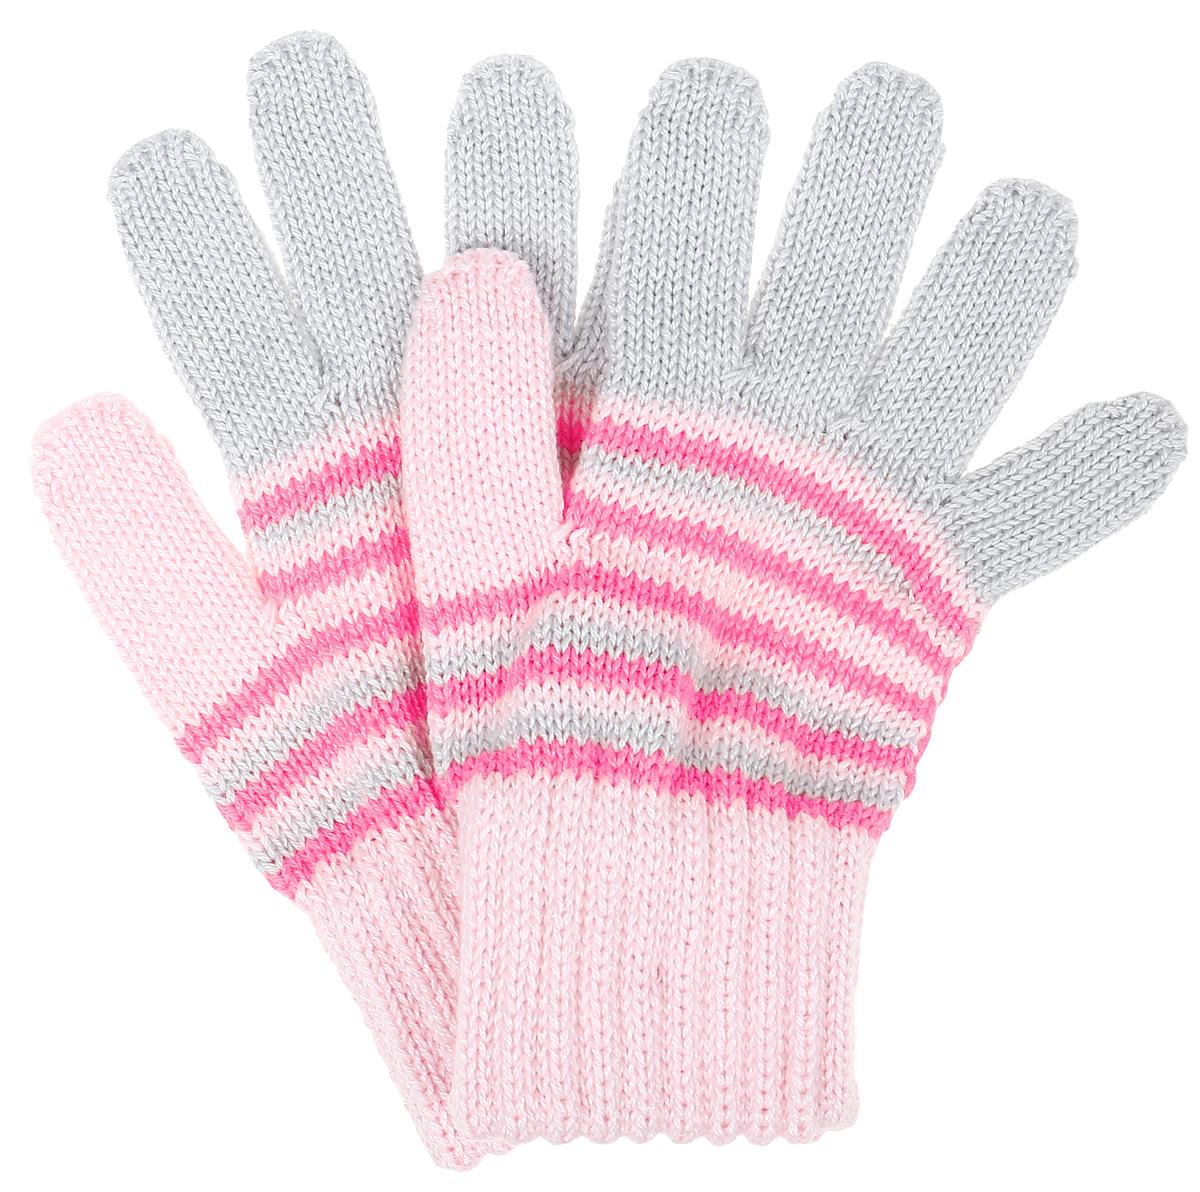 Перчатки детскиеGemma-22Перчатки для девочки Margot Bis выполнены из акрила и хлопка. Изделие оформлено ярким вязаным рисунком. Перчатки очень мягкие и приятные на ощупь, не раздражают кожу и хорошо сохраняют тепло. Верх модели на мягкой резинке, которая не стягивает запястья и надежно фиксирует перчатки на руках.